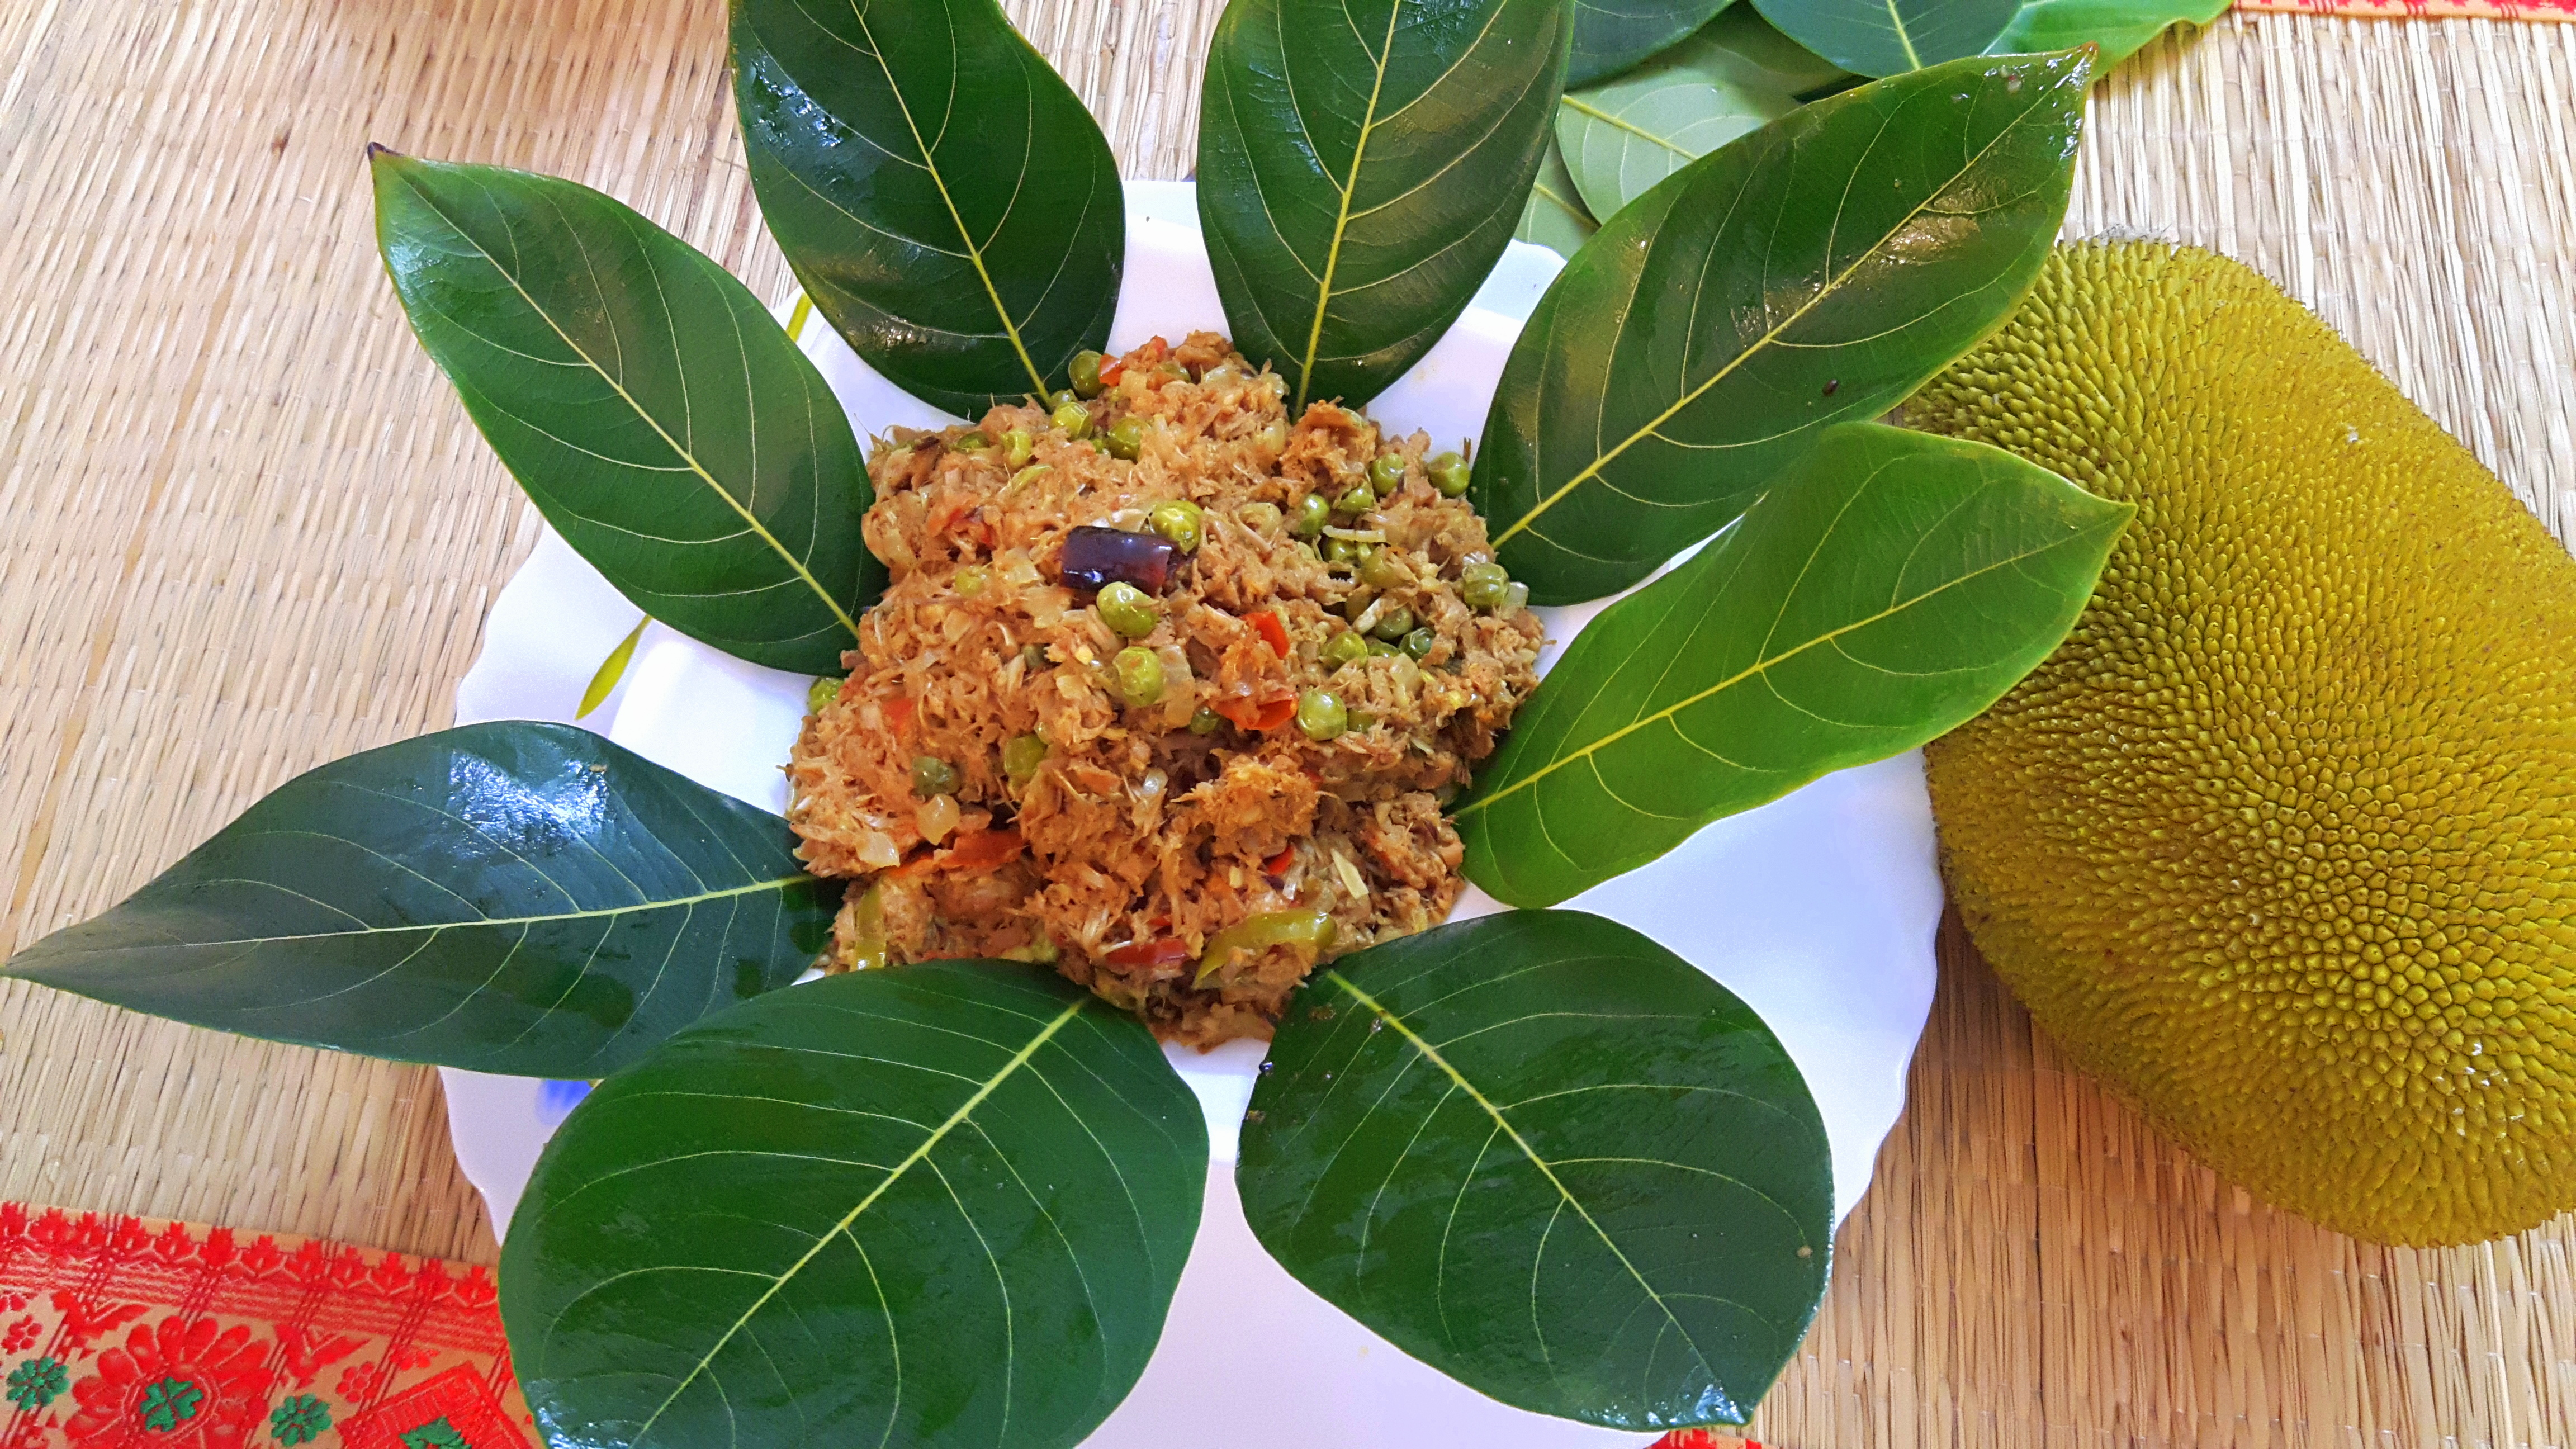 Raw jackfruit keema Matar (Green peas)